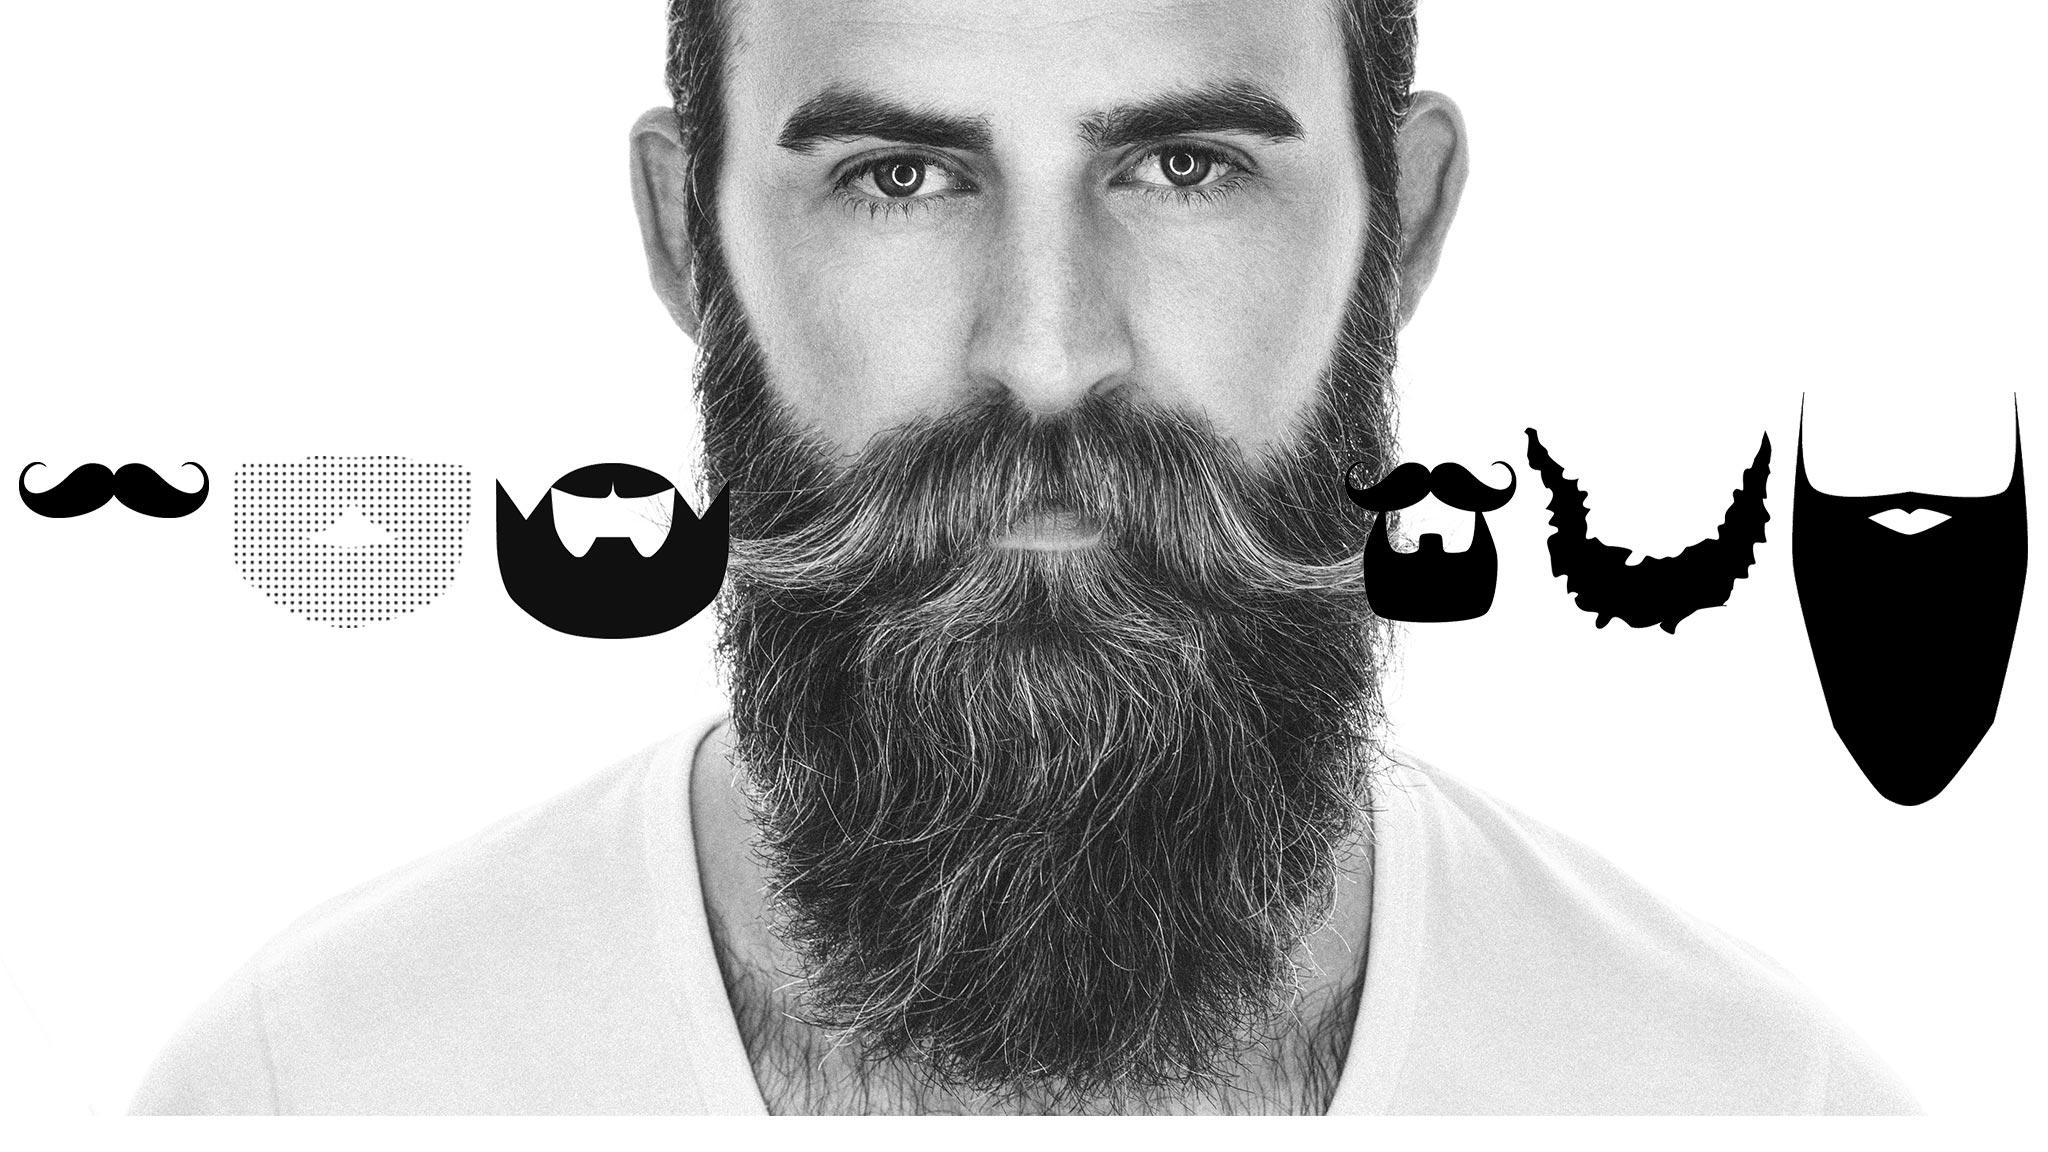 Welcher Bartstil passt zu meinem Gesicht? Diese Frage stellen sich viele Männer. Der Bart muss zu dir passen und wir helfen dir dabei, den richtigen Bartstil finden, deshalb machen wir ein Experiment. Wir beginnen mit einem Vollbart und arbeiten uns dann langsam hin zum Oberlippenbart.